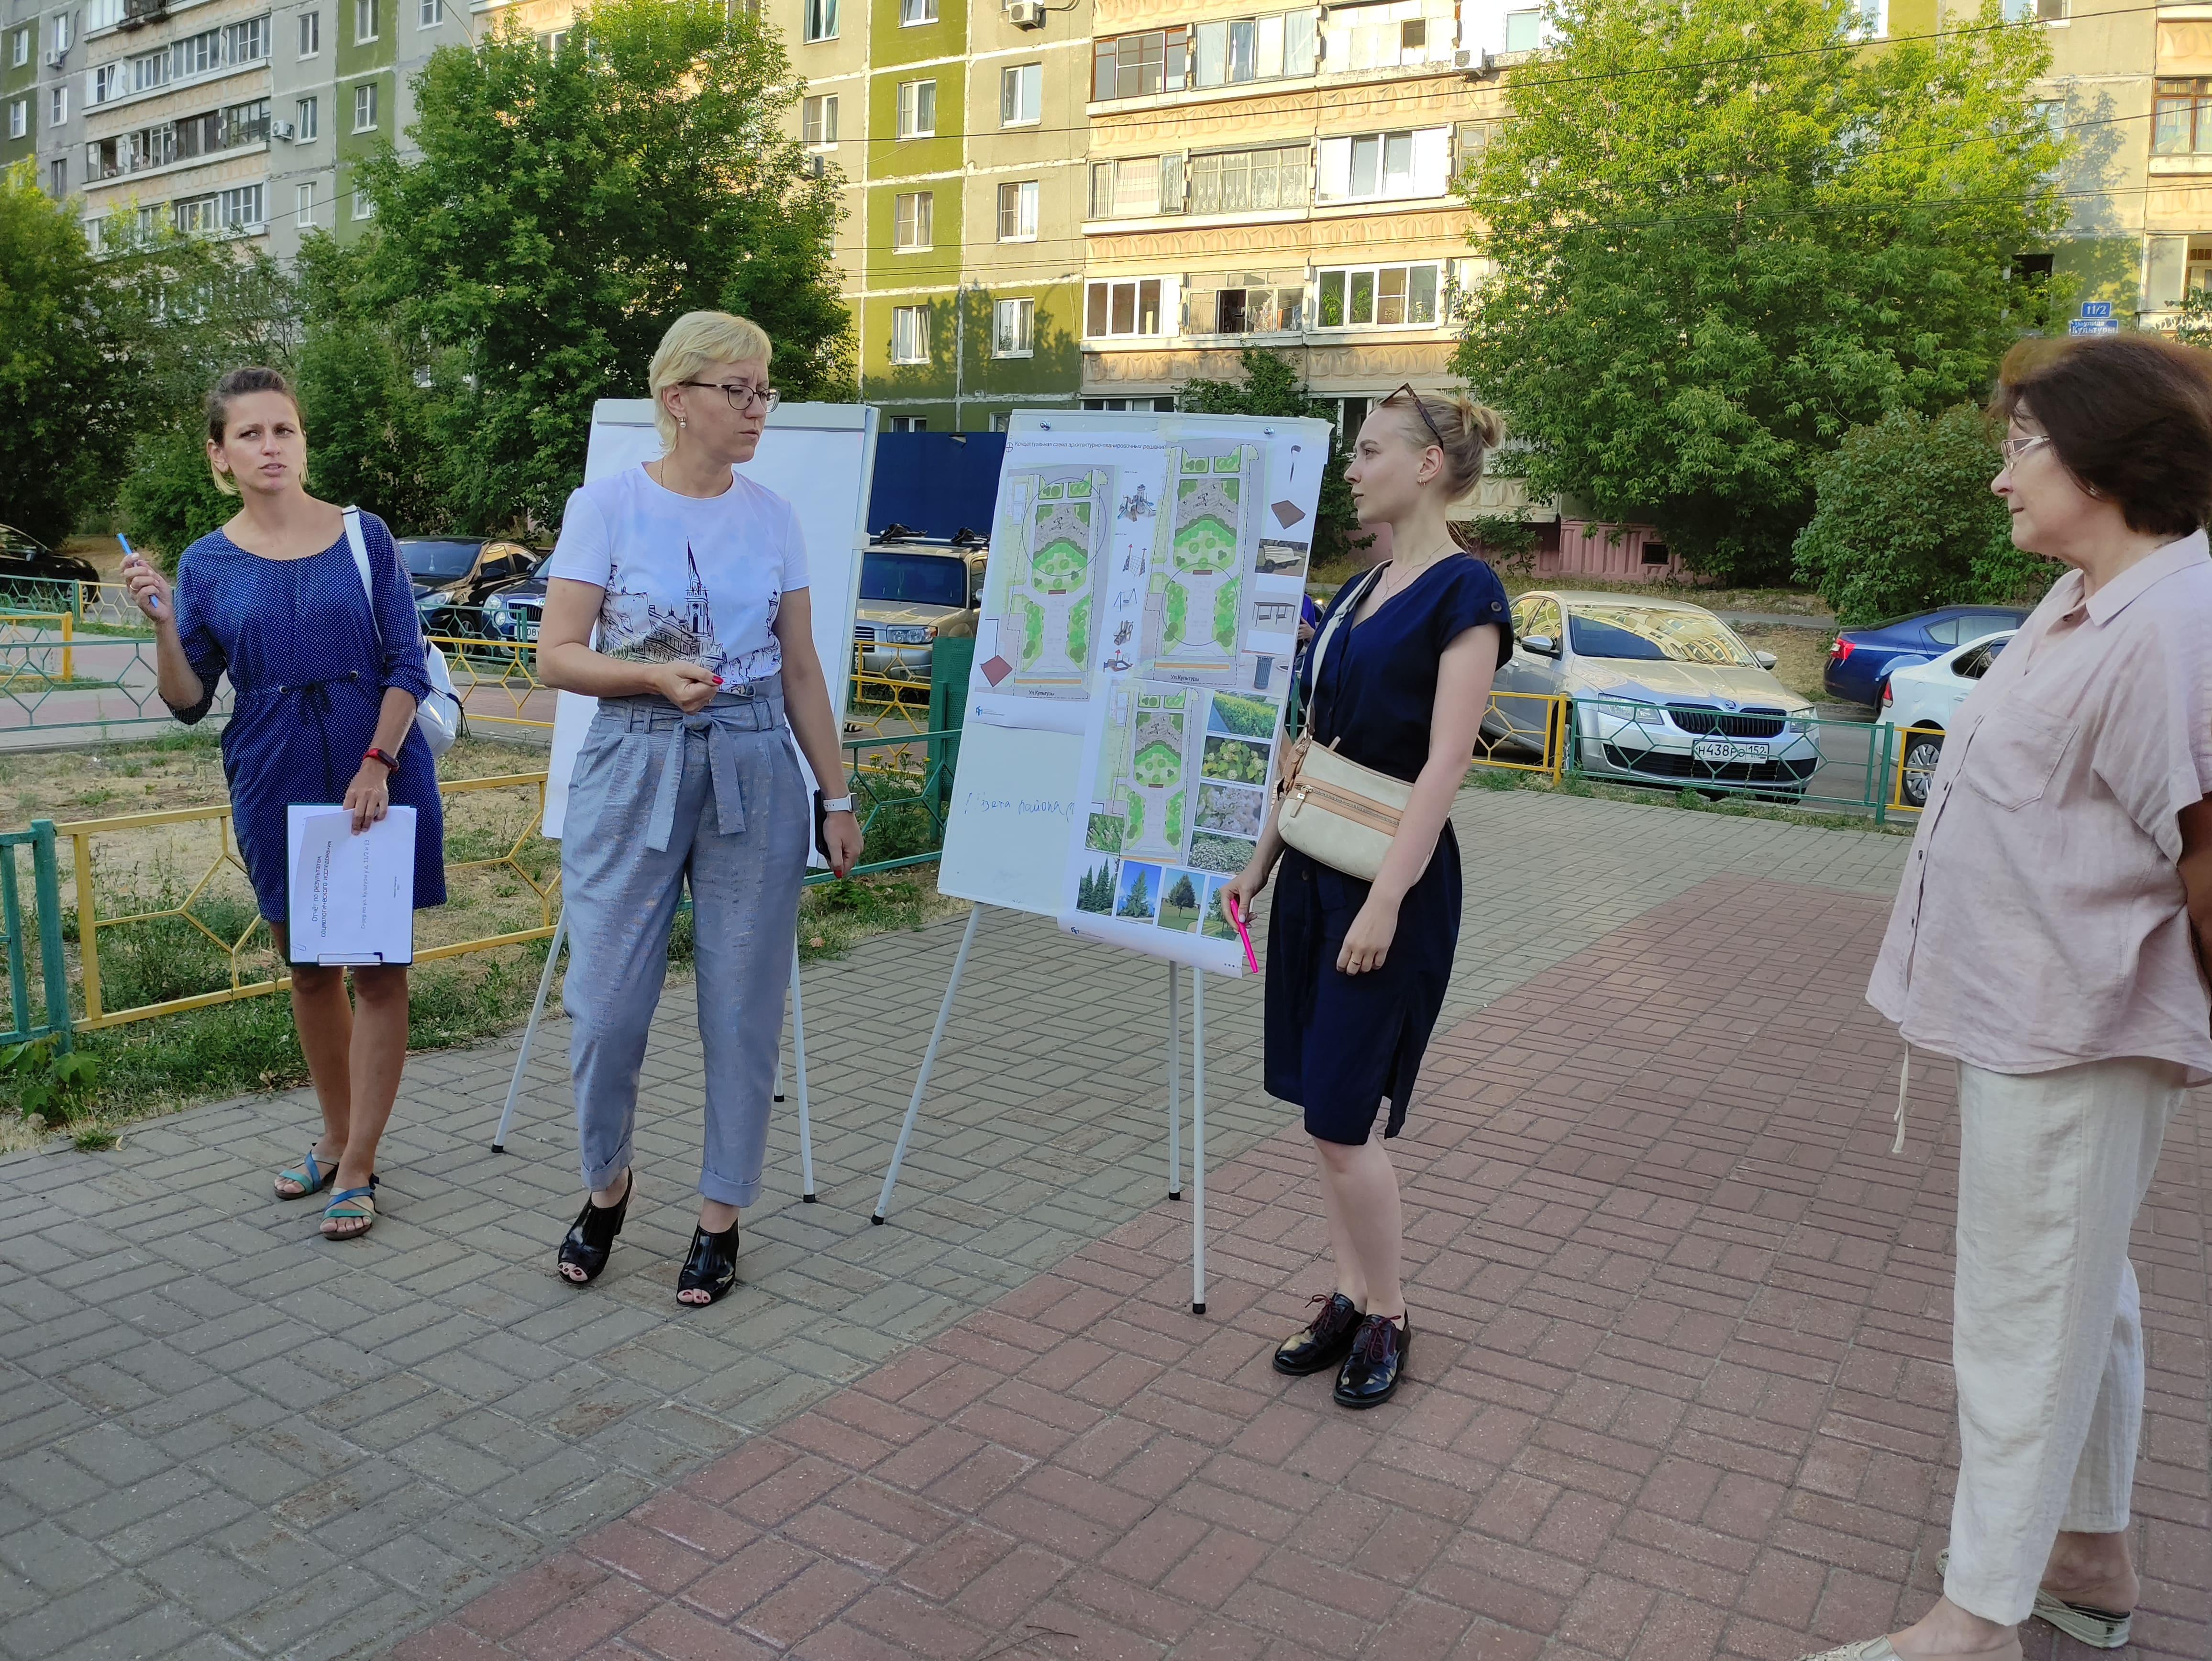 Детская площадка и зона отдыха появится в сквере на улице Культуры в Нижнем Новгороде